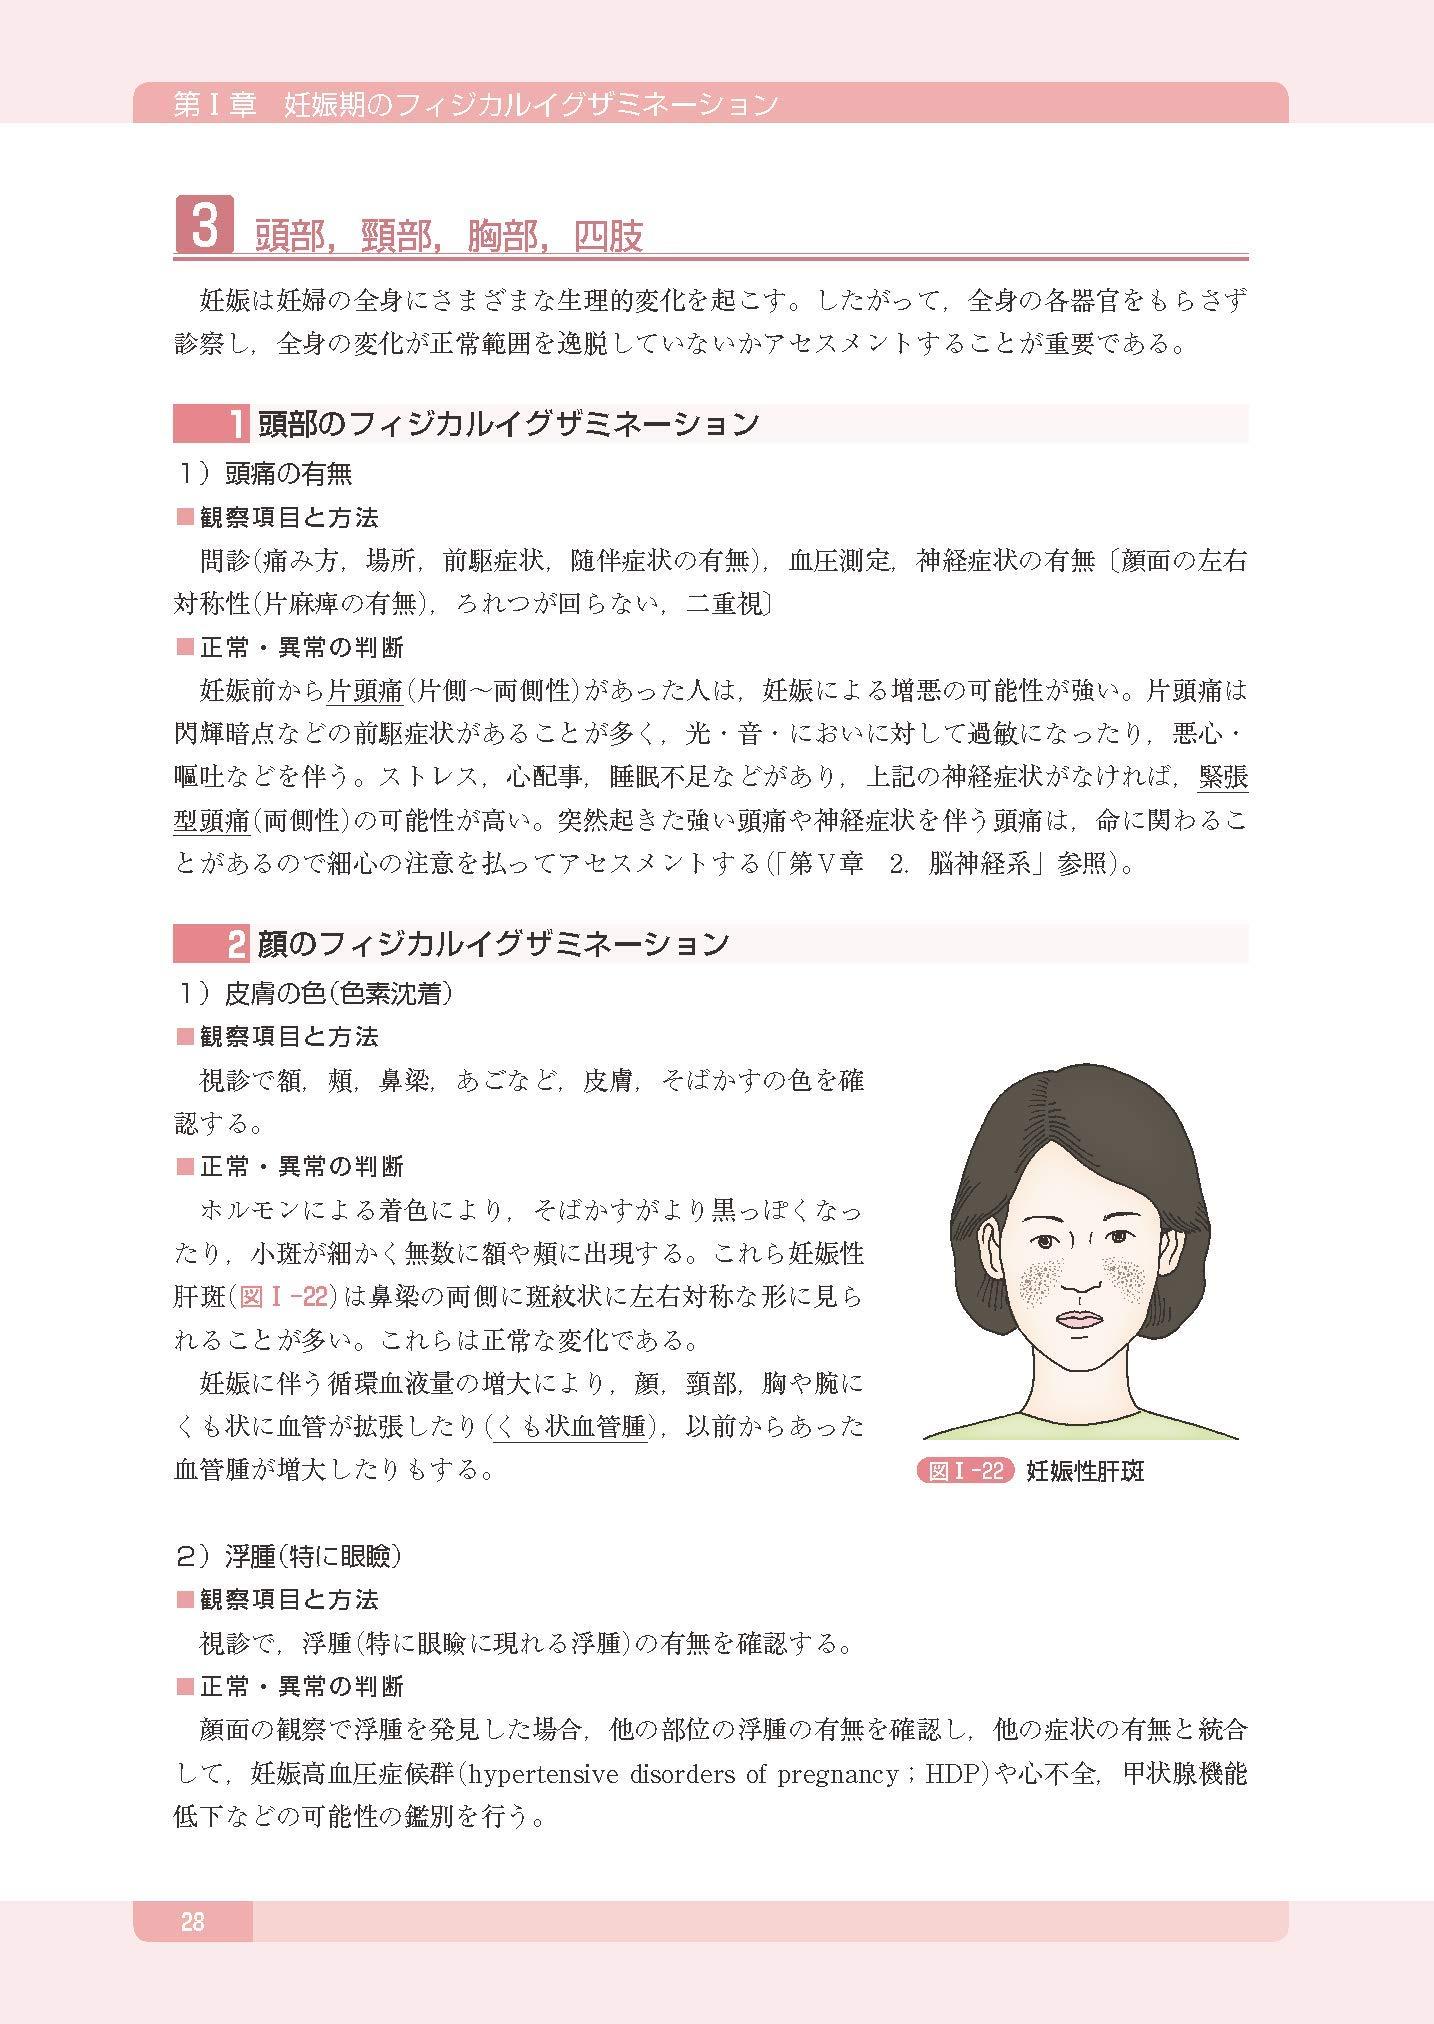 ミ ネーション イグザ フィジカル